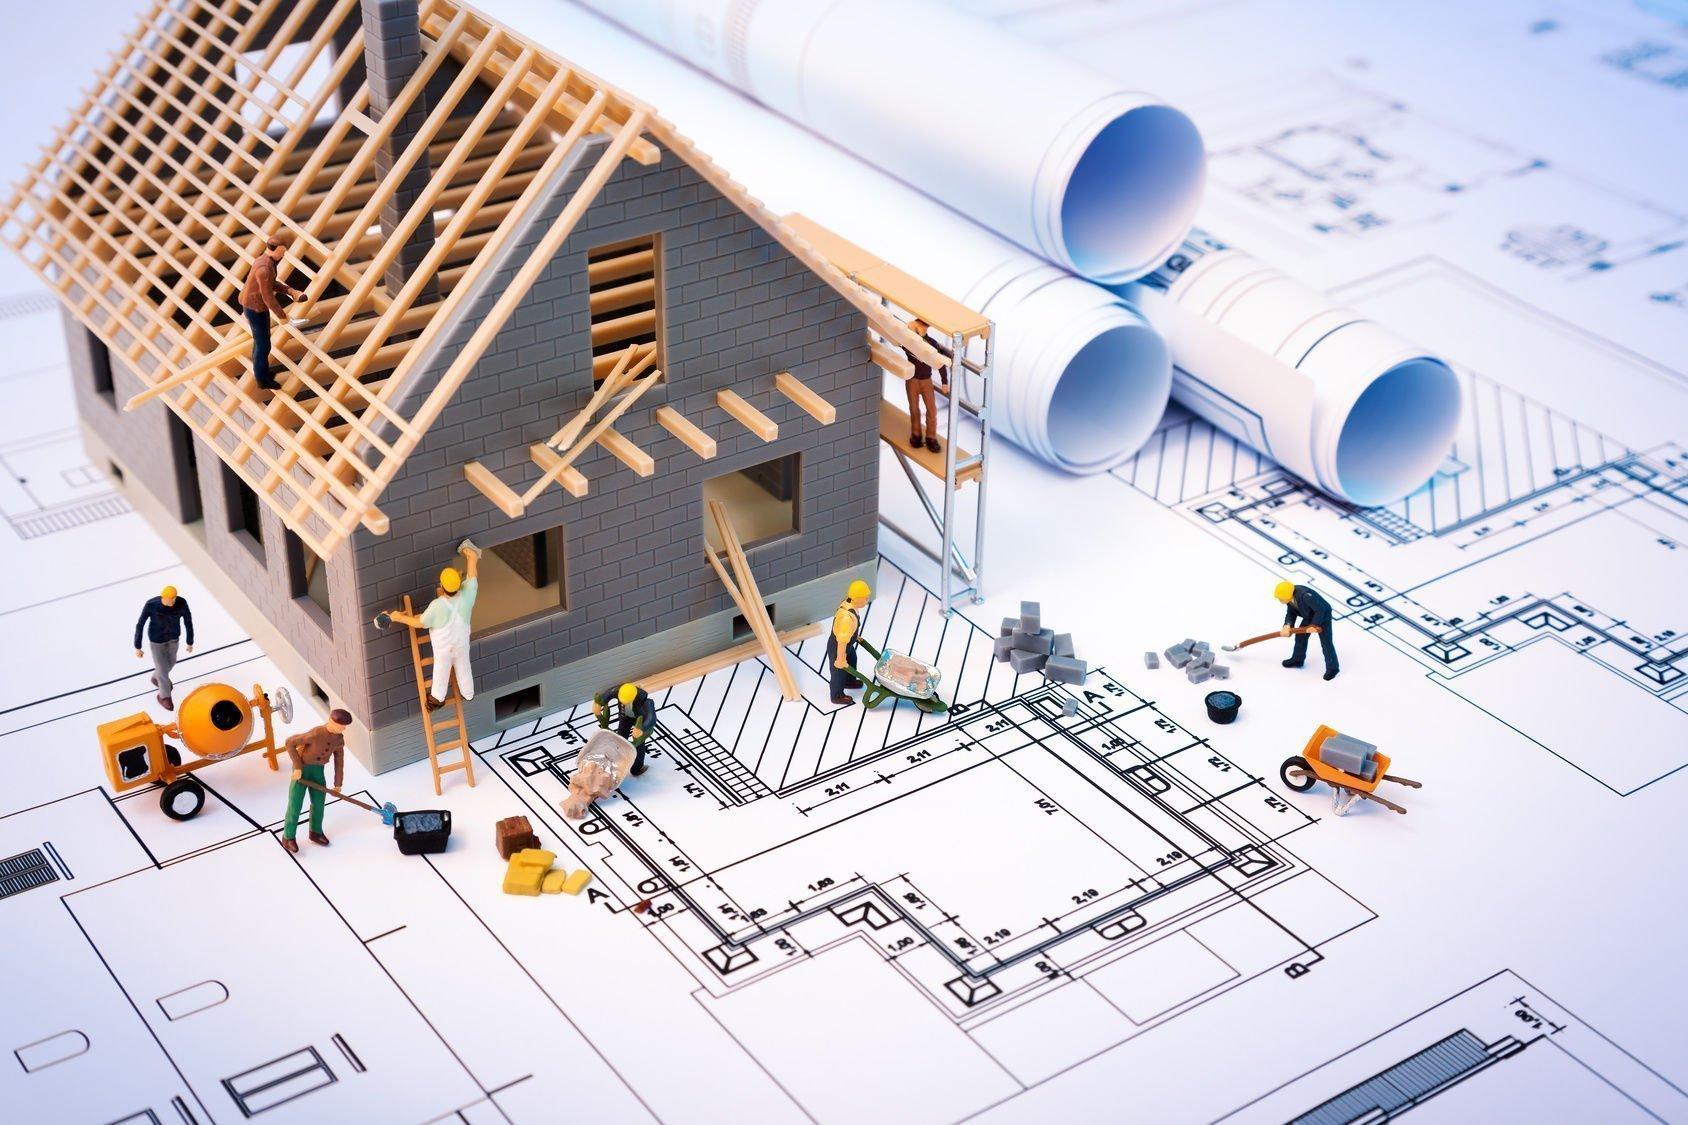 xây nhà cần chuẩn bị gì - Xây nhà nên chuẩn bị và quan tâm những gì?